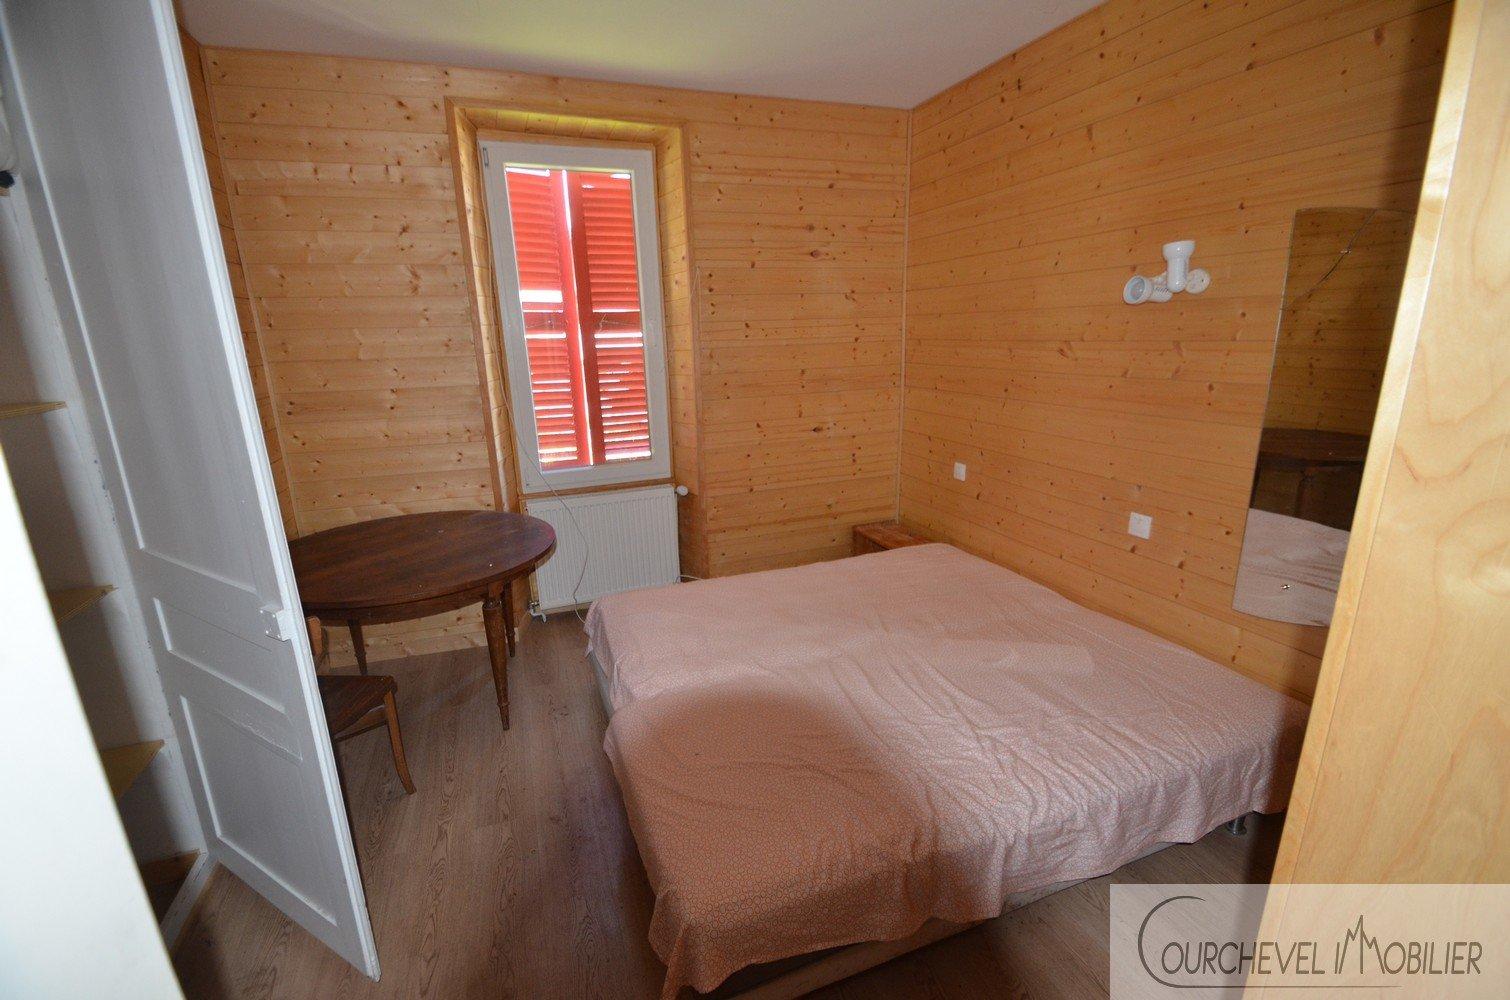 Verkoop Huis - Courchevel